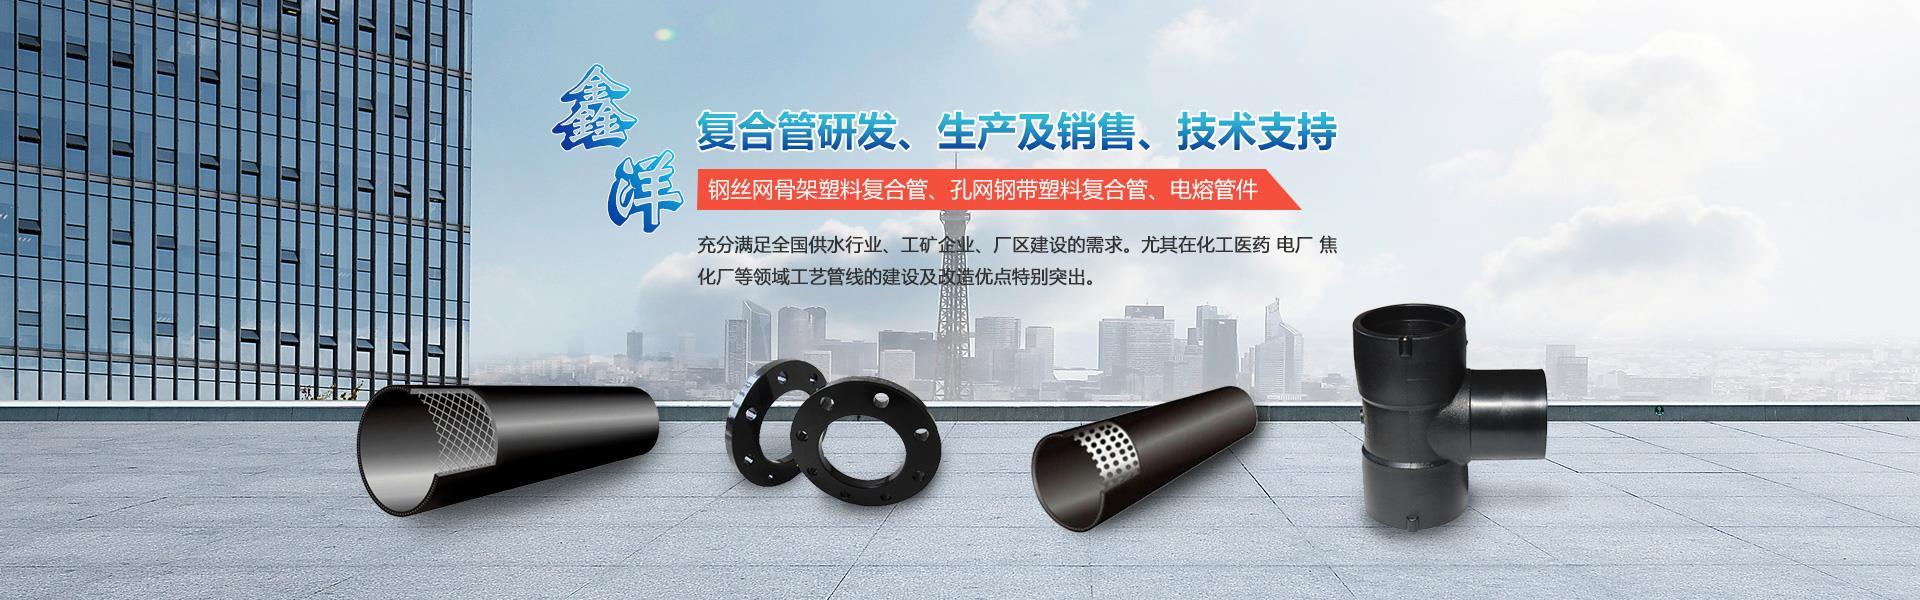 鋼絲網復合管 鋼絲網骨架聚(ju)乙烯(xi)復合管 孔網鋼帶聚(ju)乙烯(xi)復合管